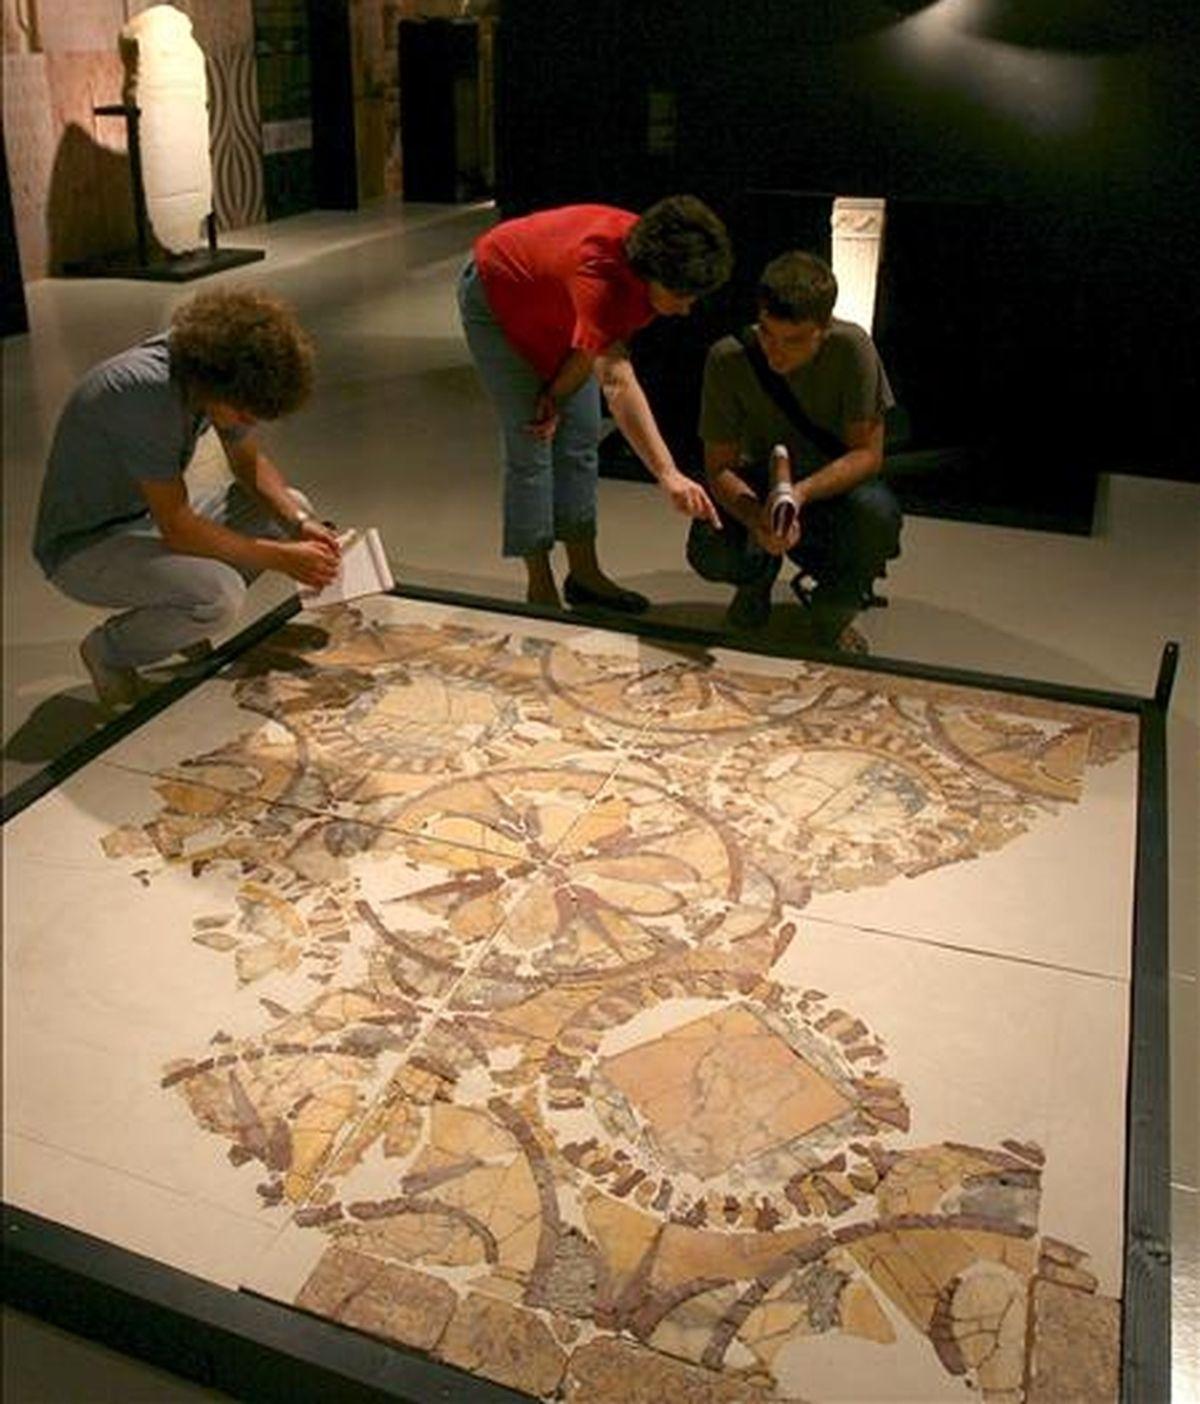 """Varios fragmentos de un mosaico expuestos en la muestra """"Tarraco Pedra a Pedra"""", cuyo eje es el uso de la piedra como elemento de construcción y que está abierta al público desde hoy y hasta el 22 de noviembre en el Museo Nacional Arqueologico de Tarragona. EFE"""